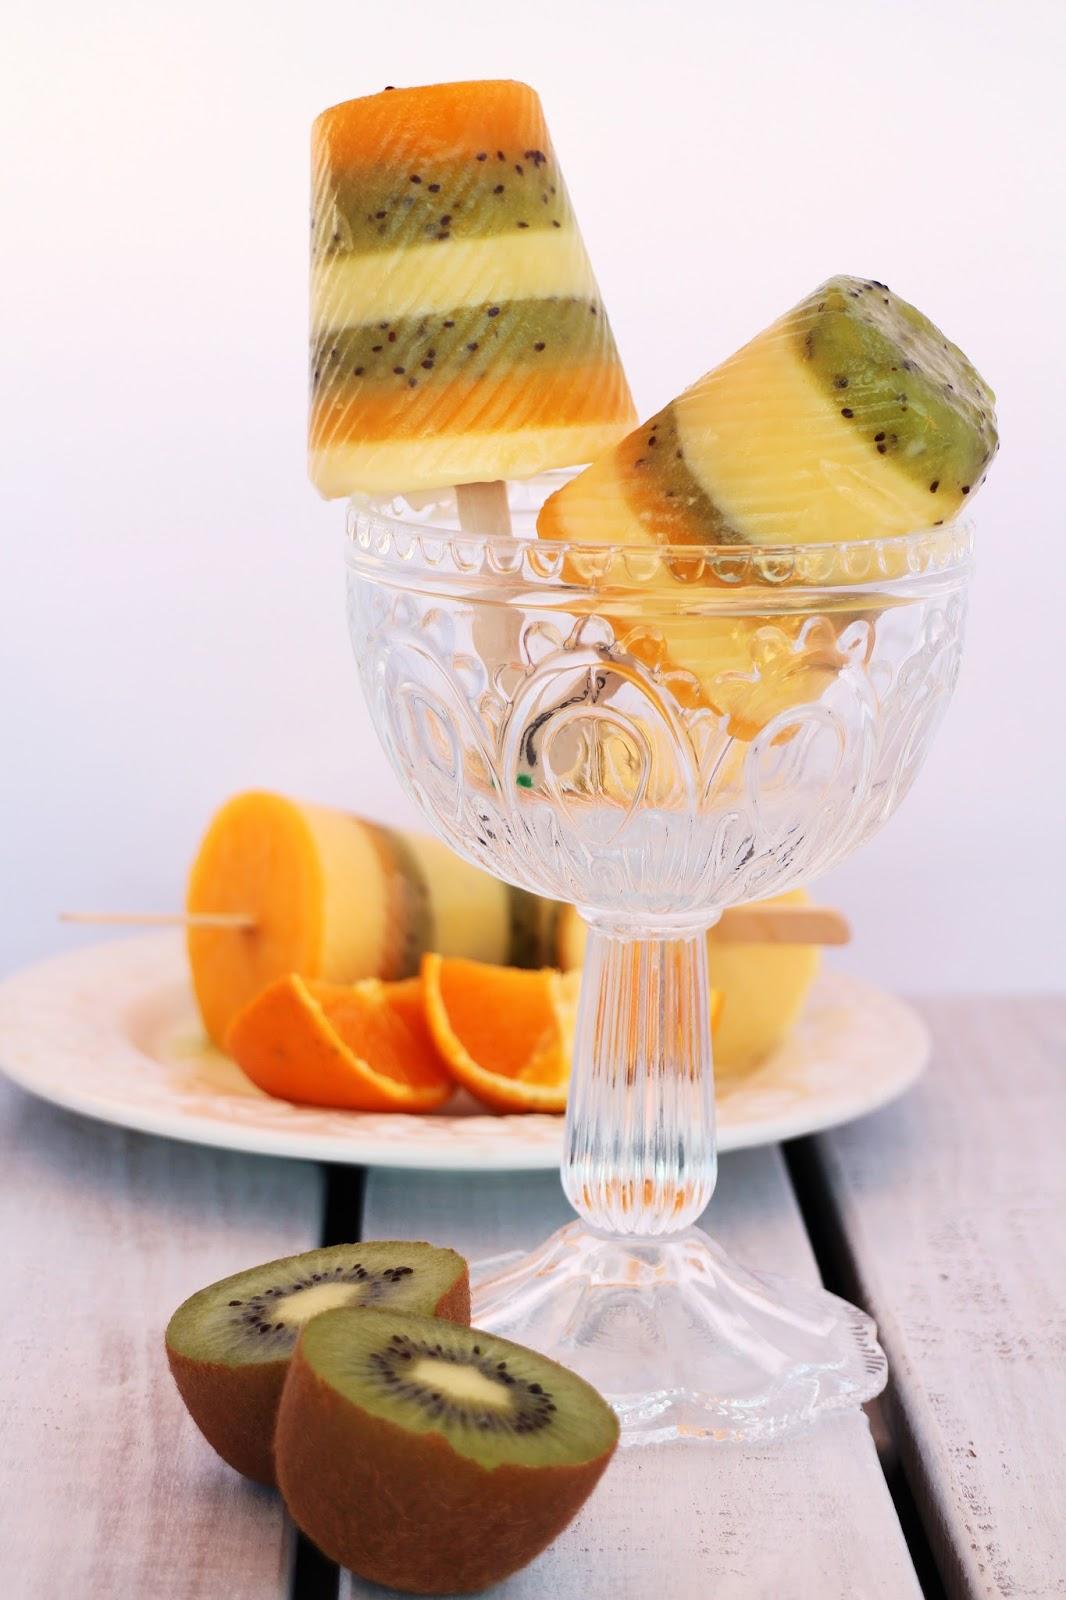 helados-de-kiwi-naranja-y-natillas, kiwi-orange-creamsicles